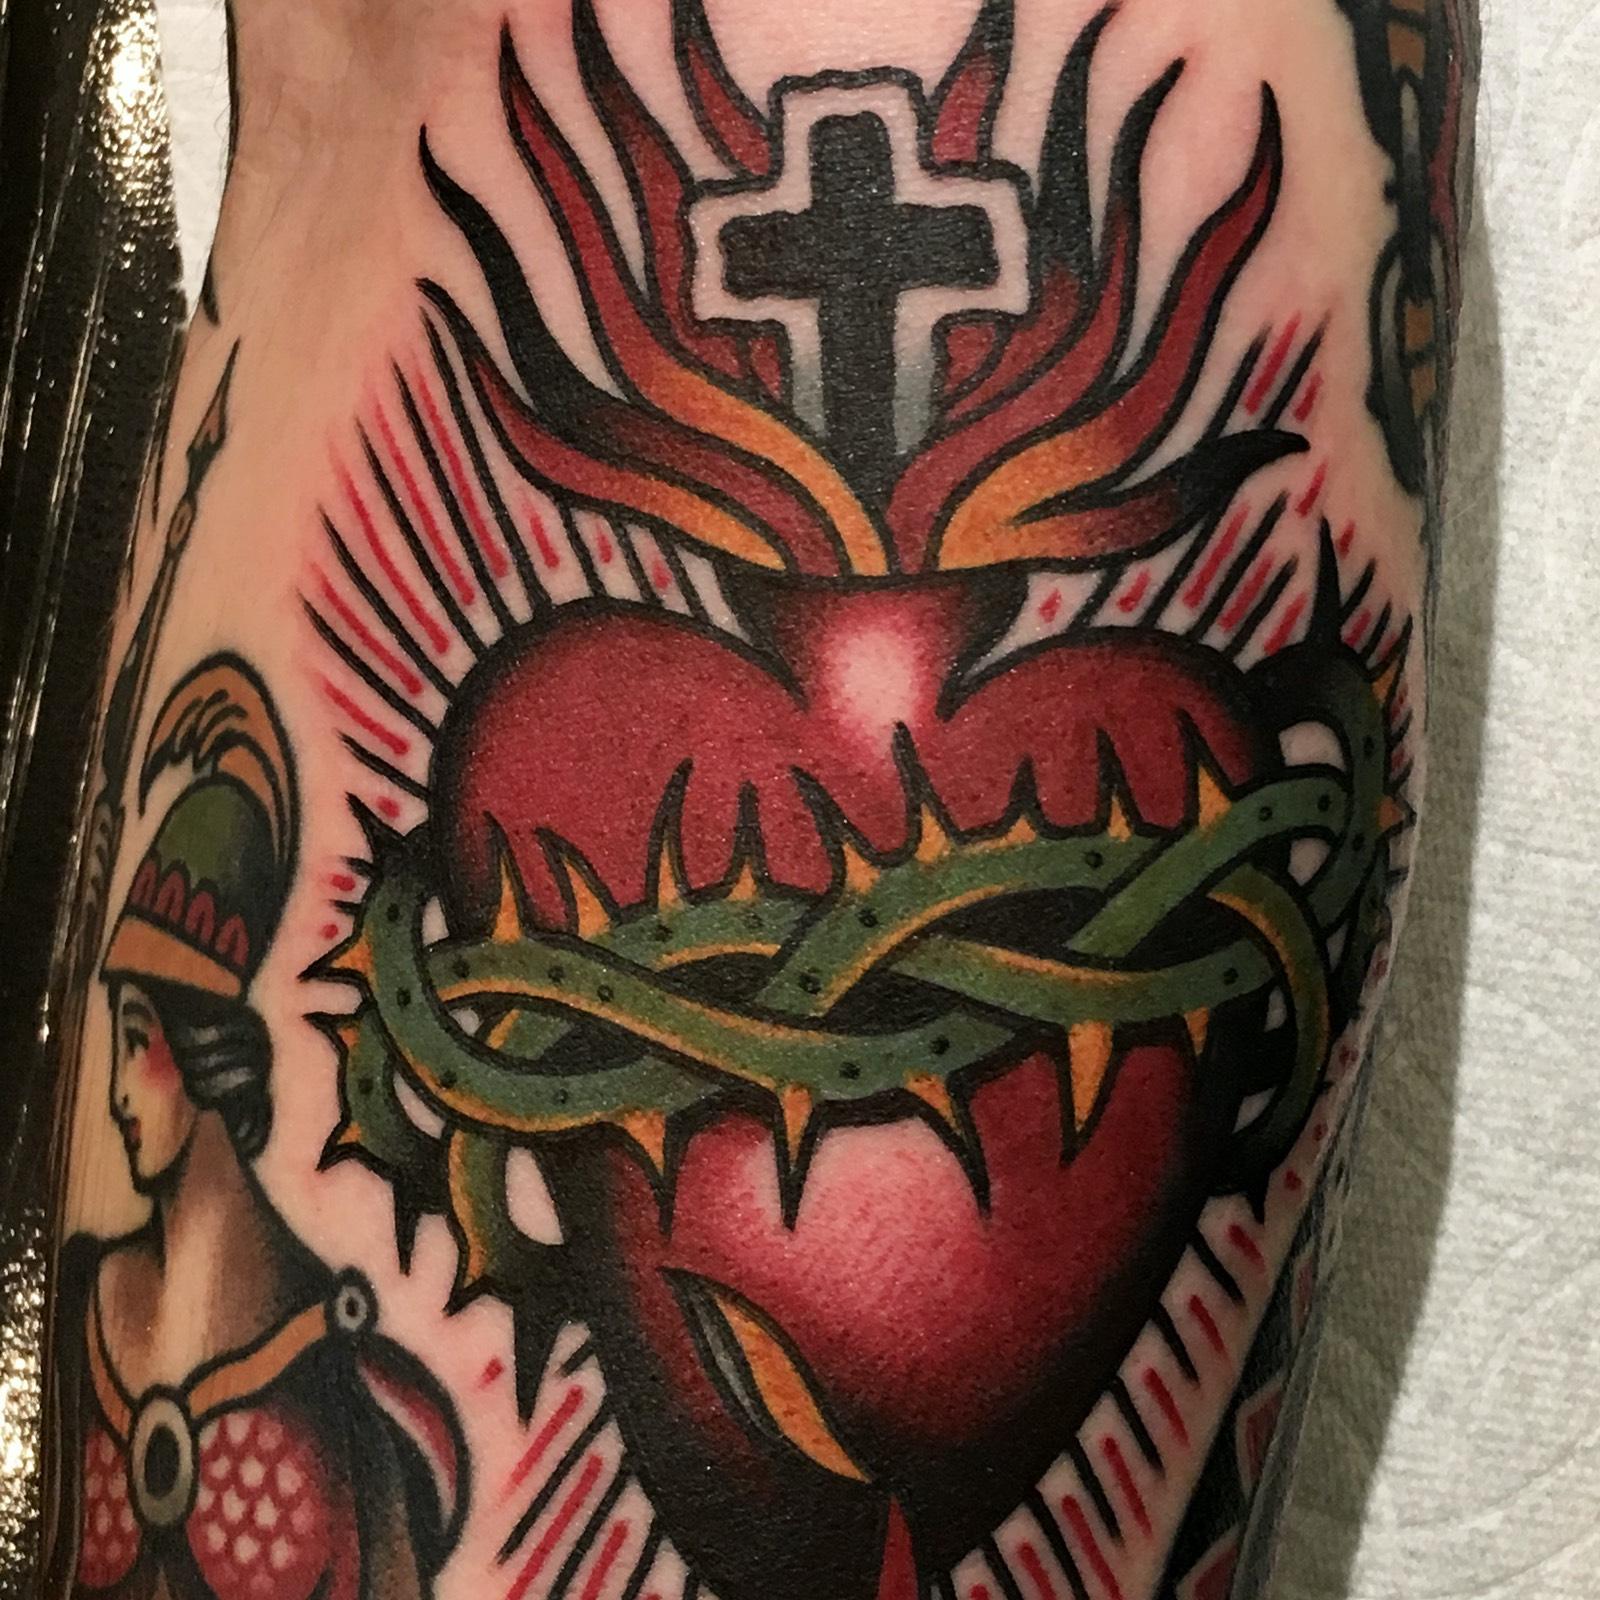 Paul-Dobleman-black-heart-tattoo-6-2020